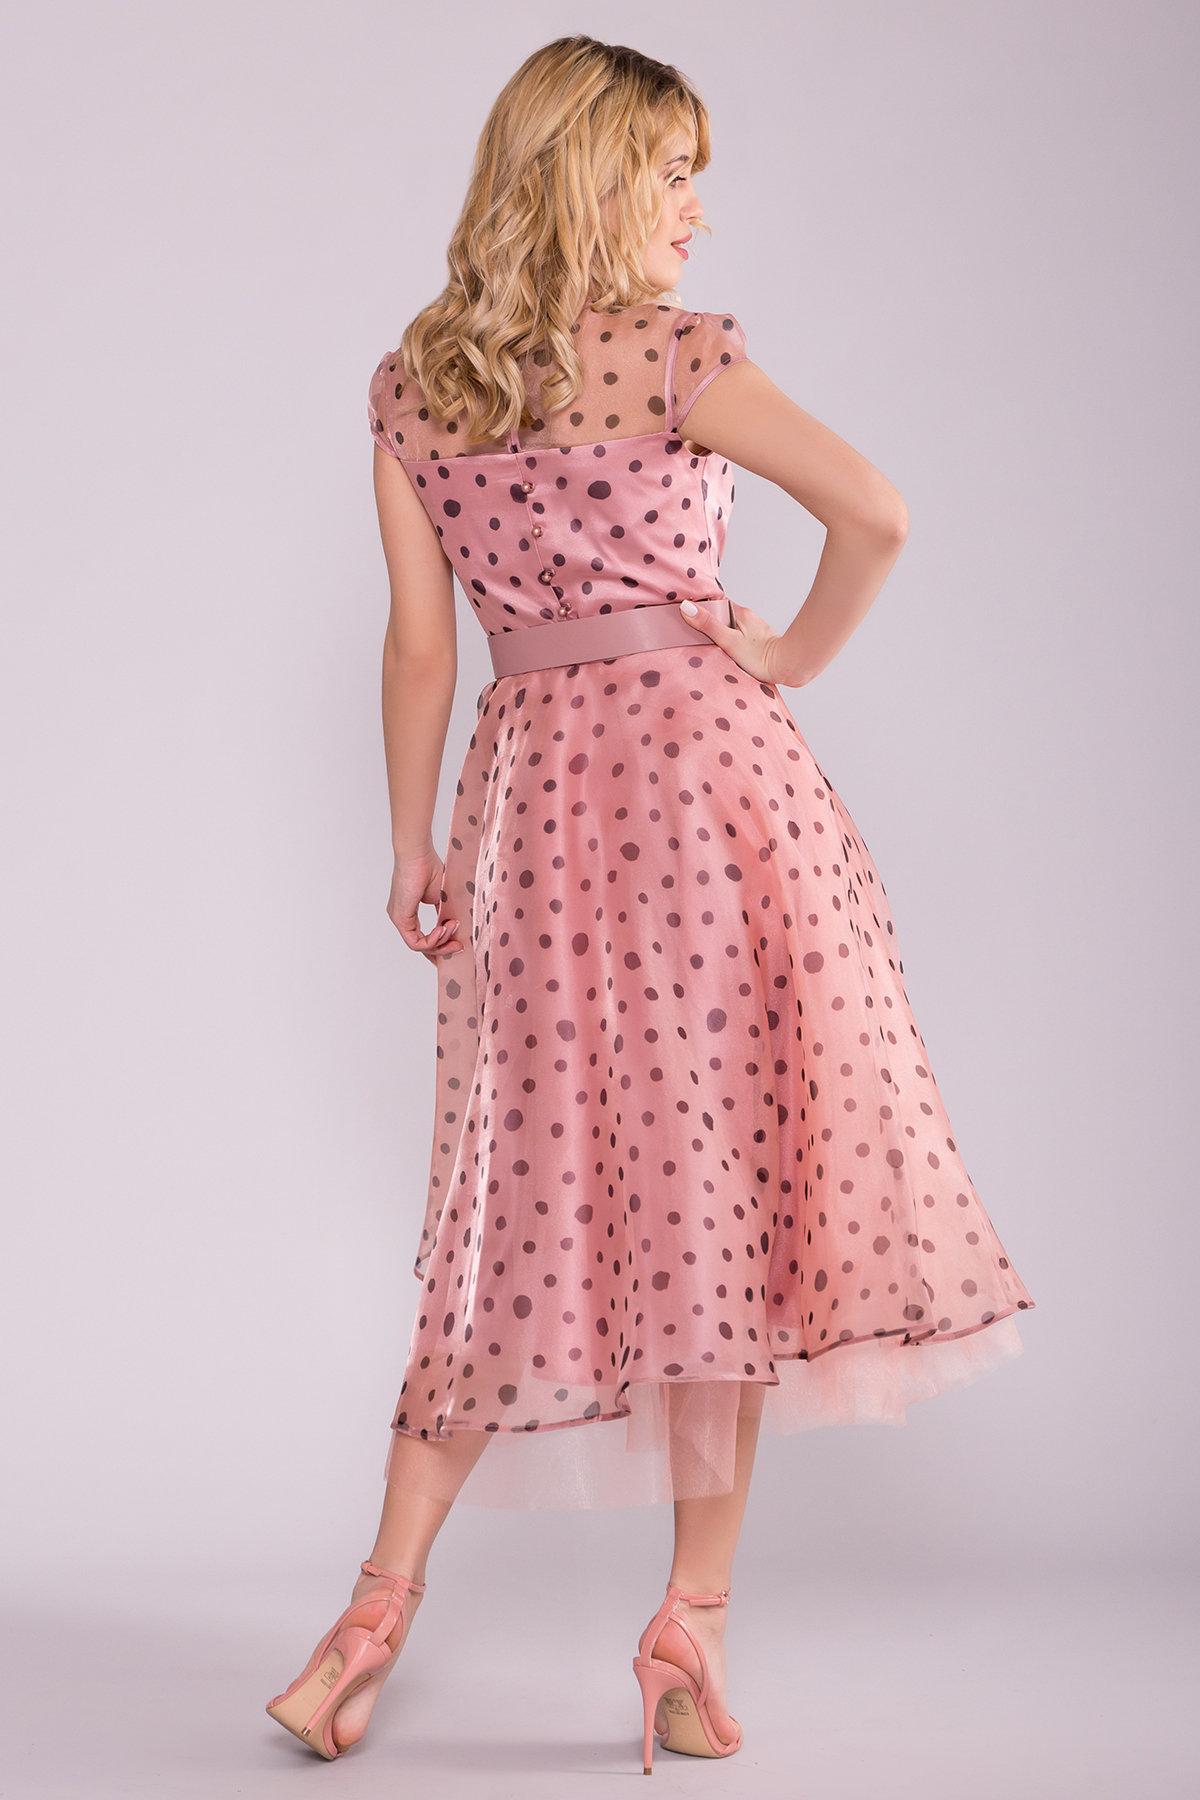 Стильное Платье в крупный горох 6947 АРТ. 42328 Цвет: Пудра/Черный - фото 2, интернет магазин tm-modus.ru